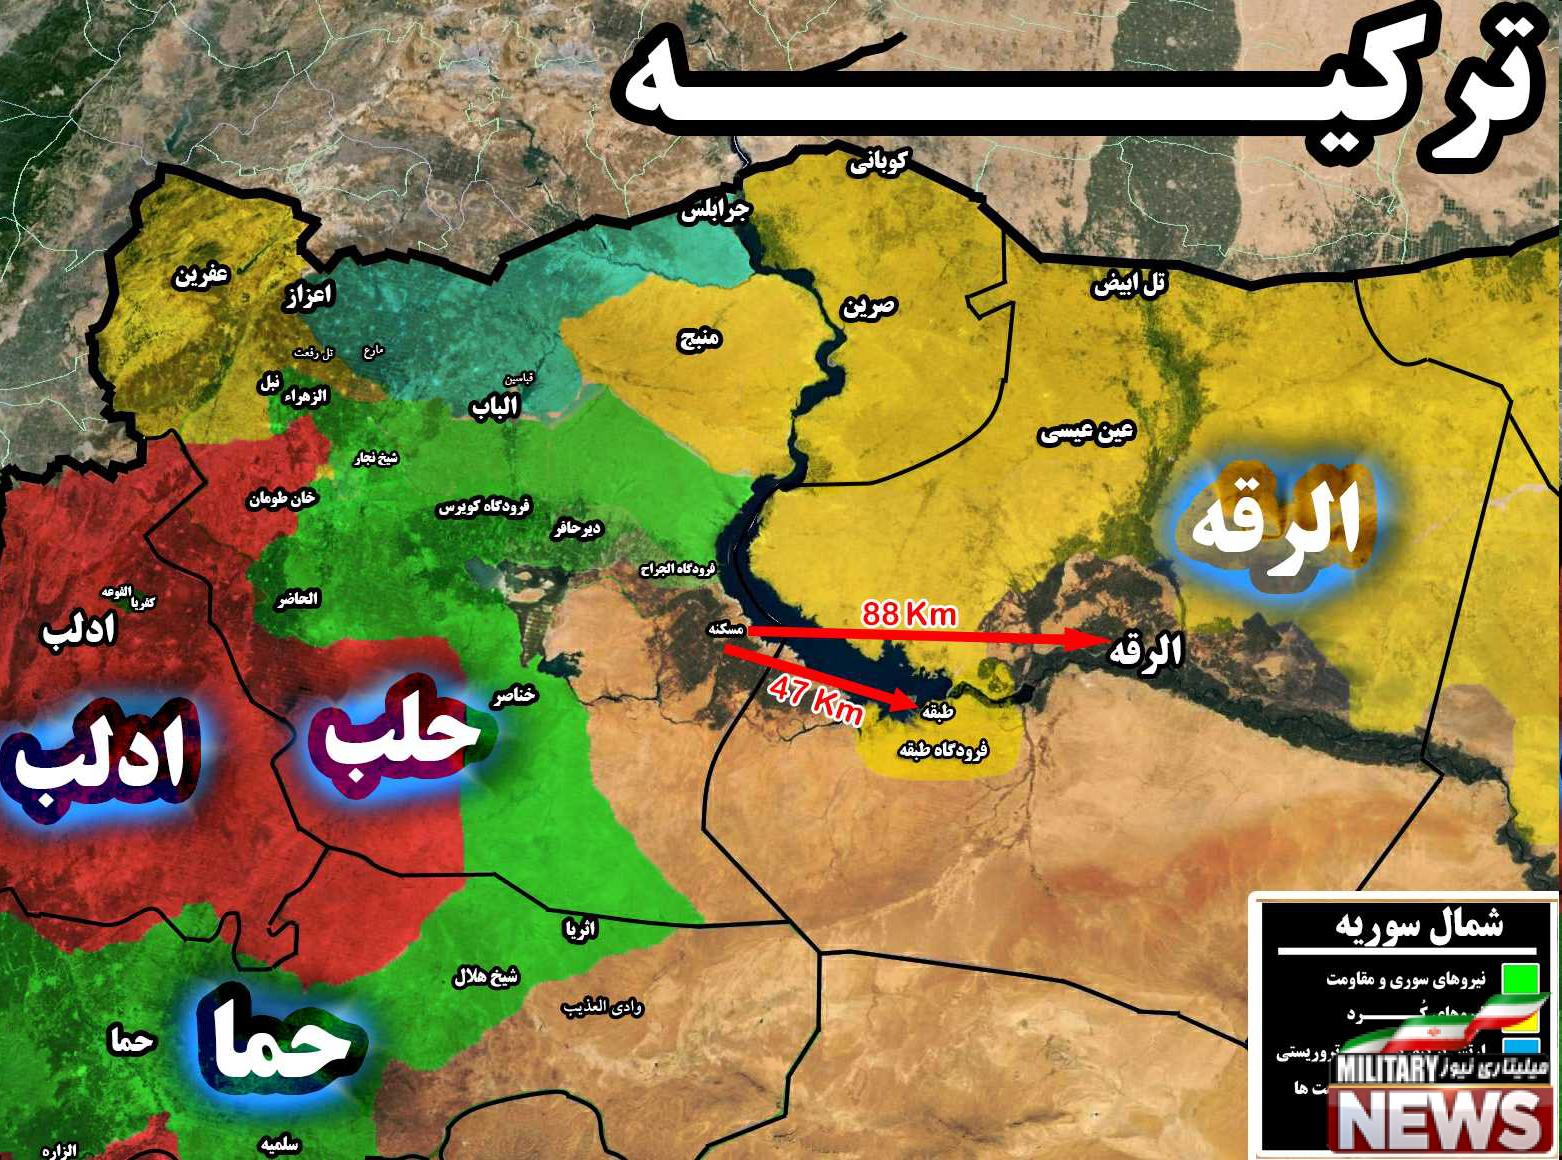 تلاش داعش برای قطع مسیر کمکرسانی مرکز به شمال سوریه ناکام ماند +نقشه